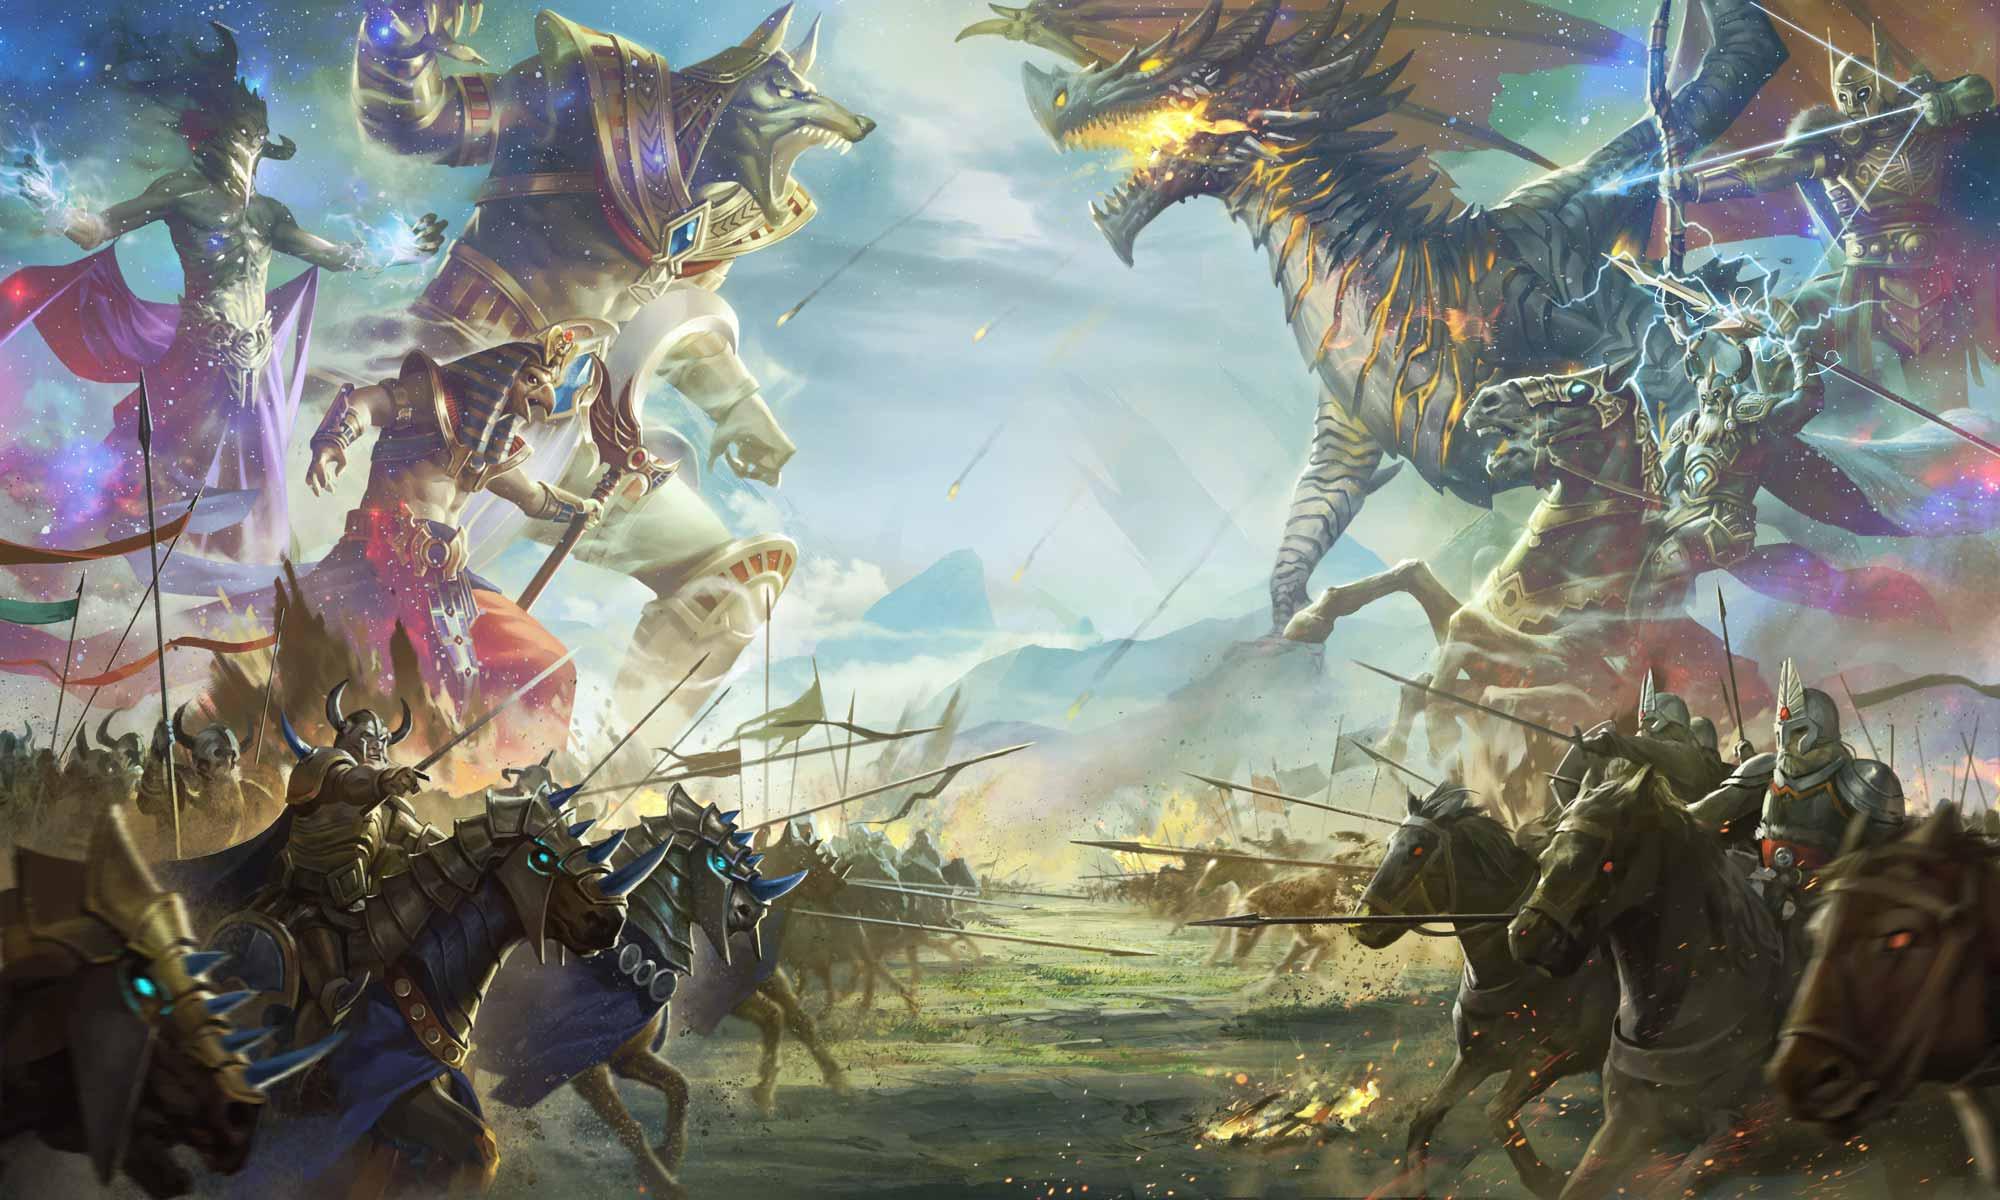 WAR OF GODS: DESTINED    驾驭古神的力量!   赶快加入到一个充满幽默,背叛,竞争对手和英雄的史诗般的冒险。你将拥有强大的英雄和神灵,呼唤他们强大的力量来帮助你赢得光荣的战斗吧!   了解更多